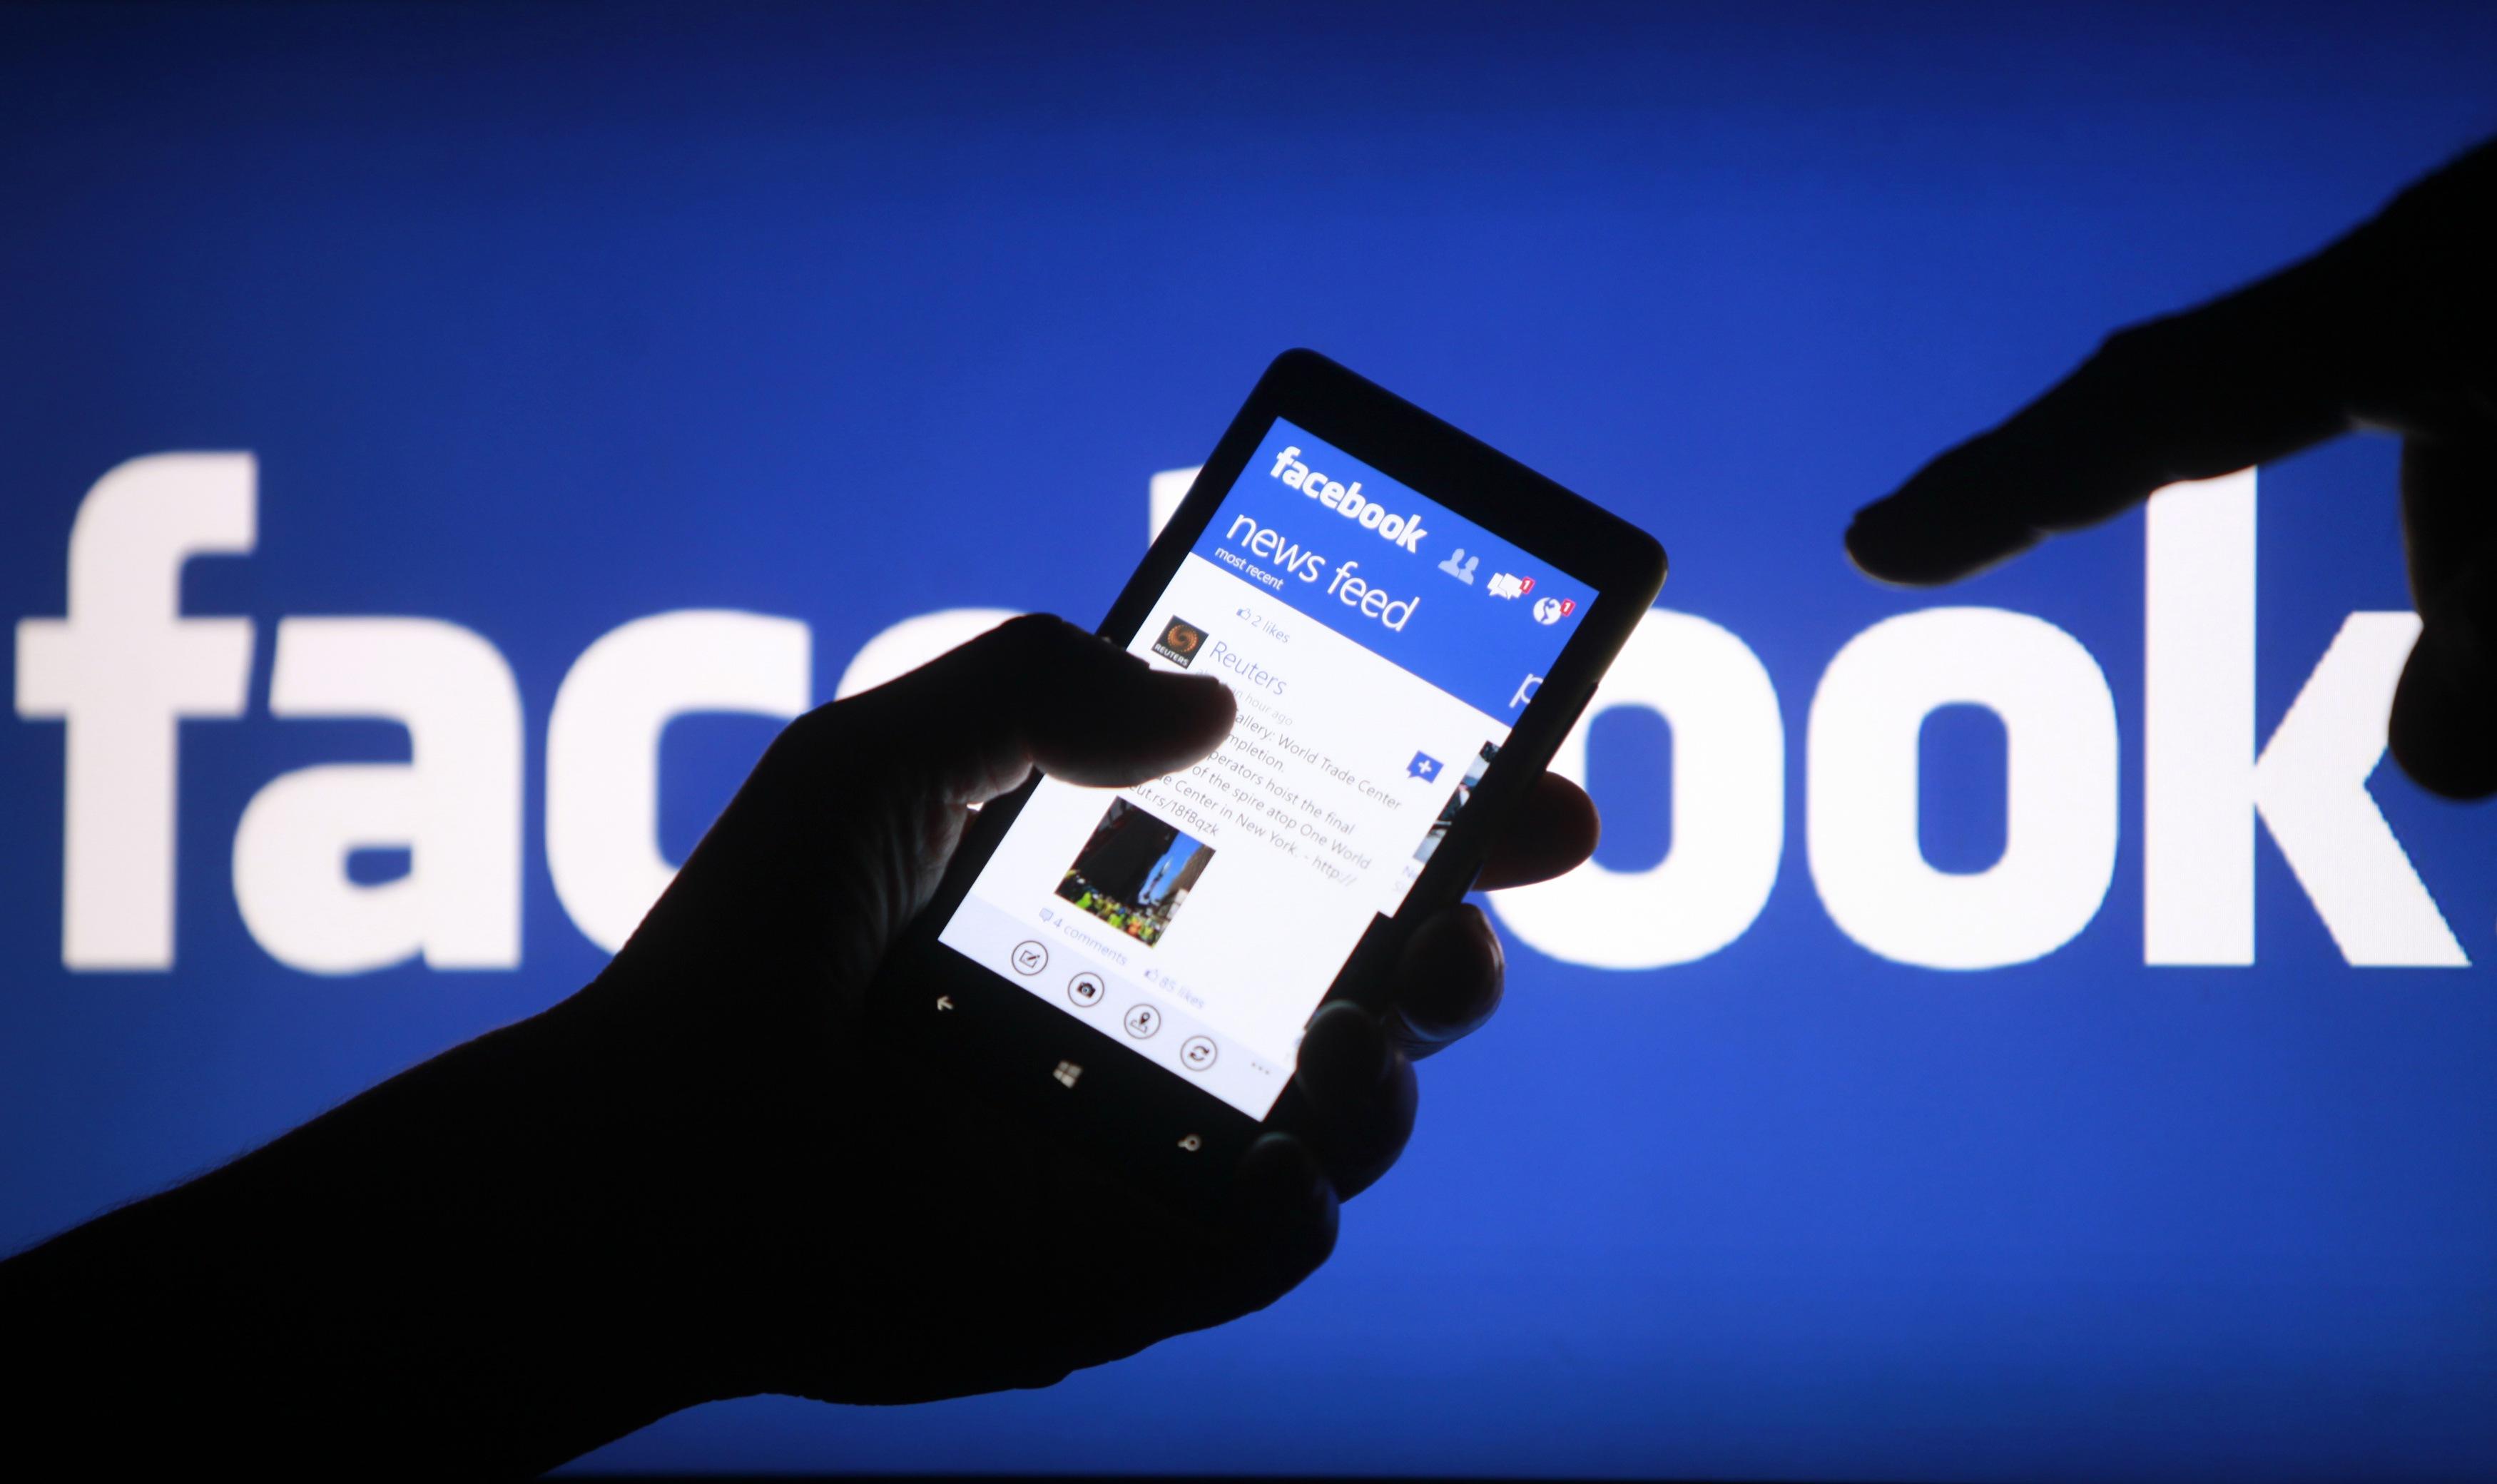 Vers un rééquilibrage nécessaire des droits des utilisateurs de Facebook